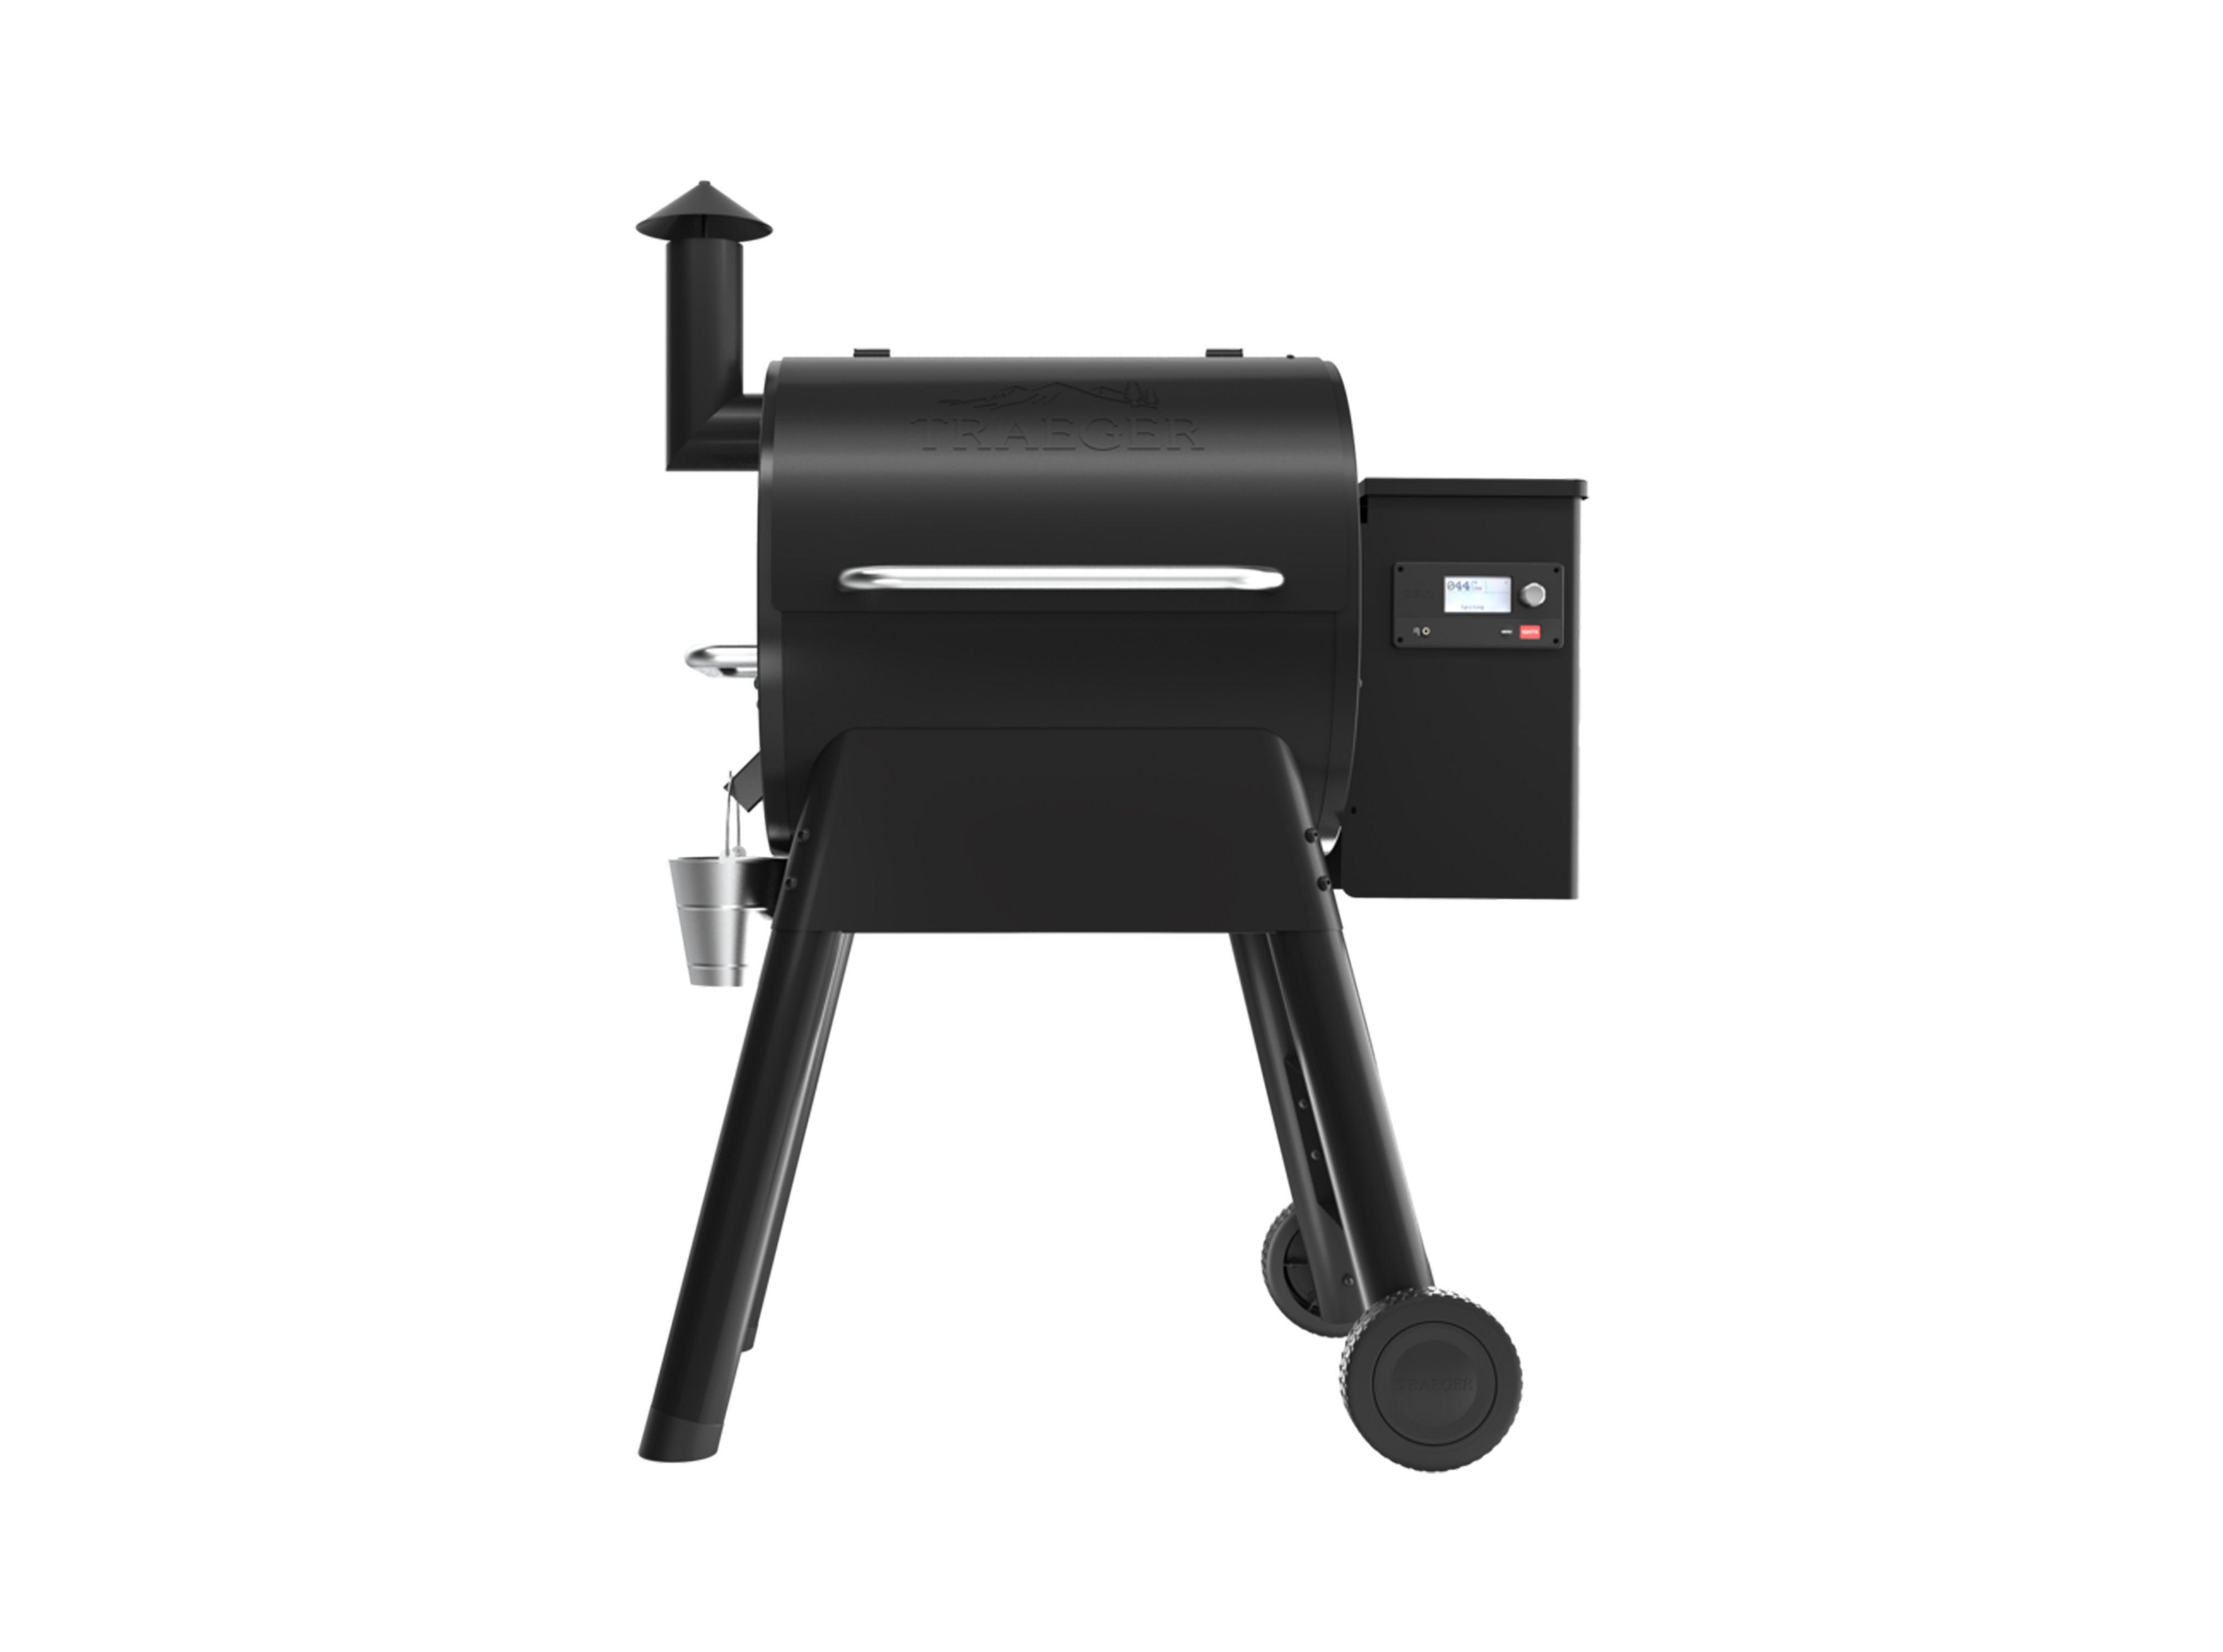 Traeger | Pro 575 Pelletgrill | Black